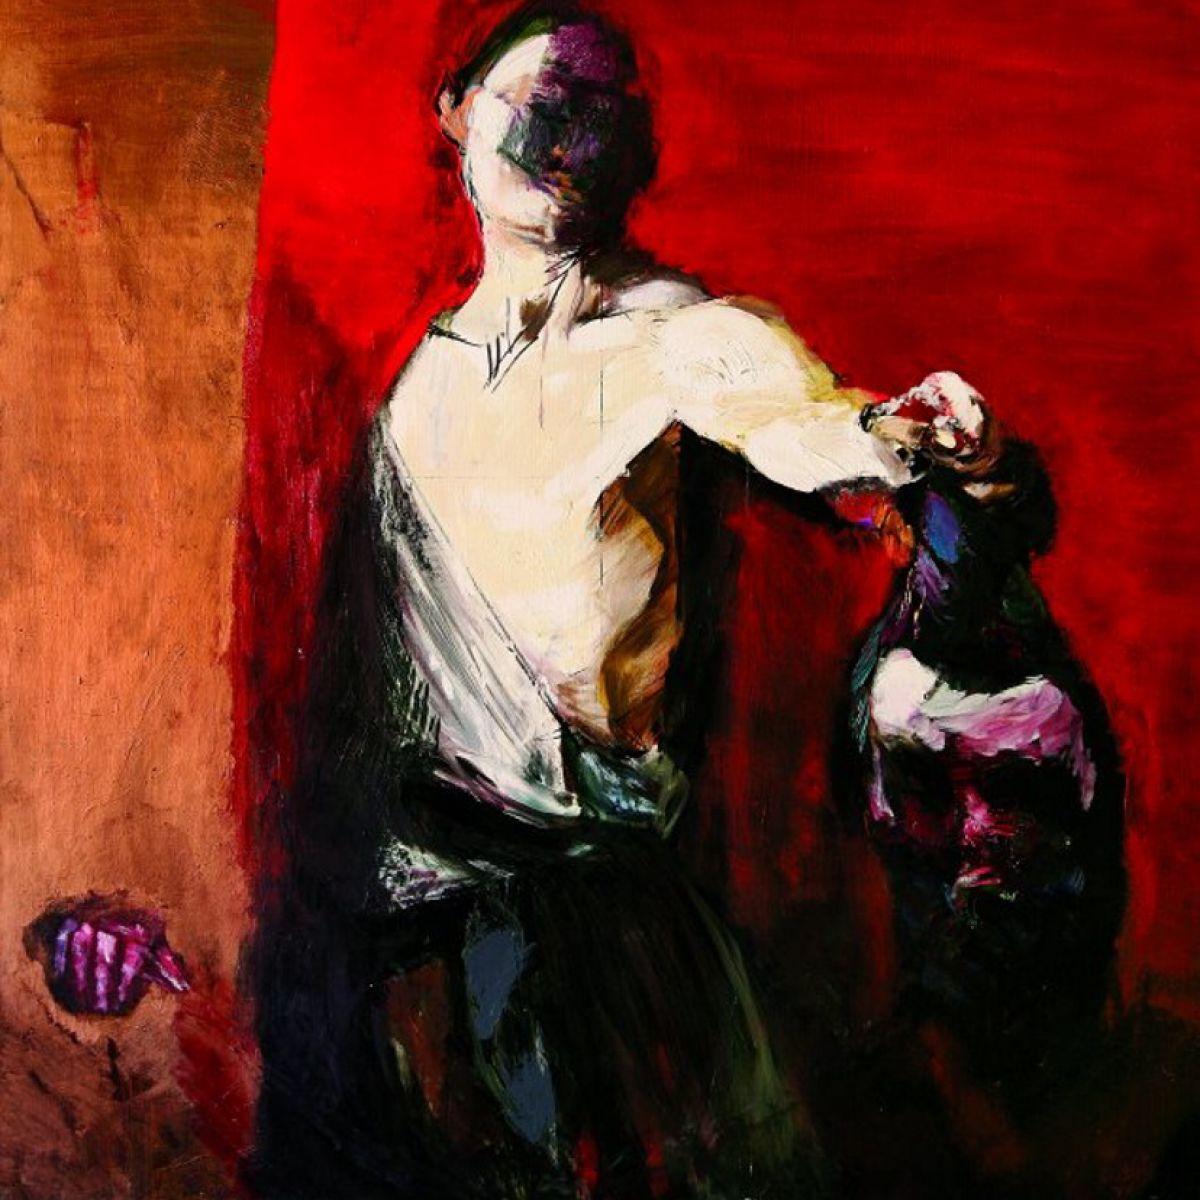 Noc Muzeów 2018 - Wojciech Cieśniewski - wystawa malarstwa - Galeria Schody - 19.05.2018